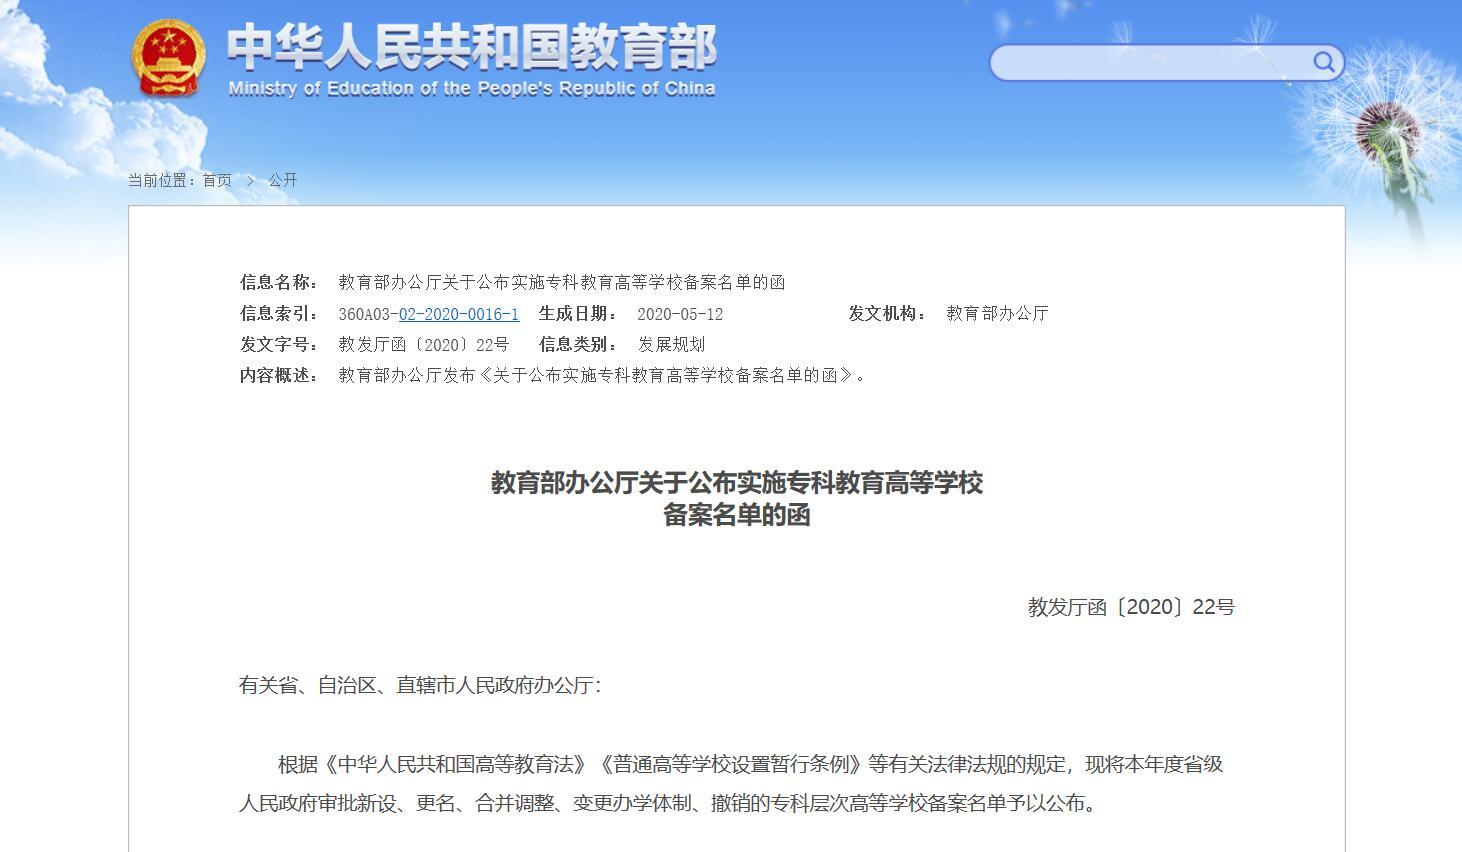 教育部撤销3所高校 上海体育职业学院在列